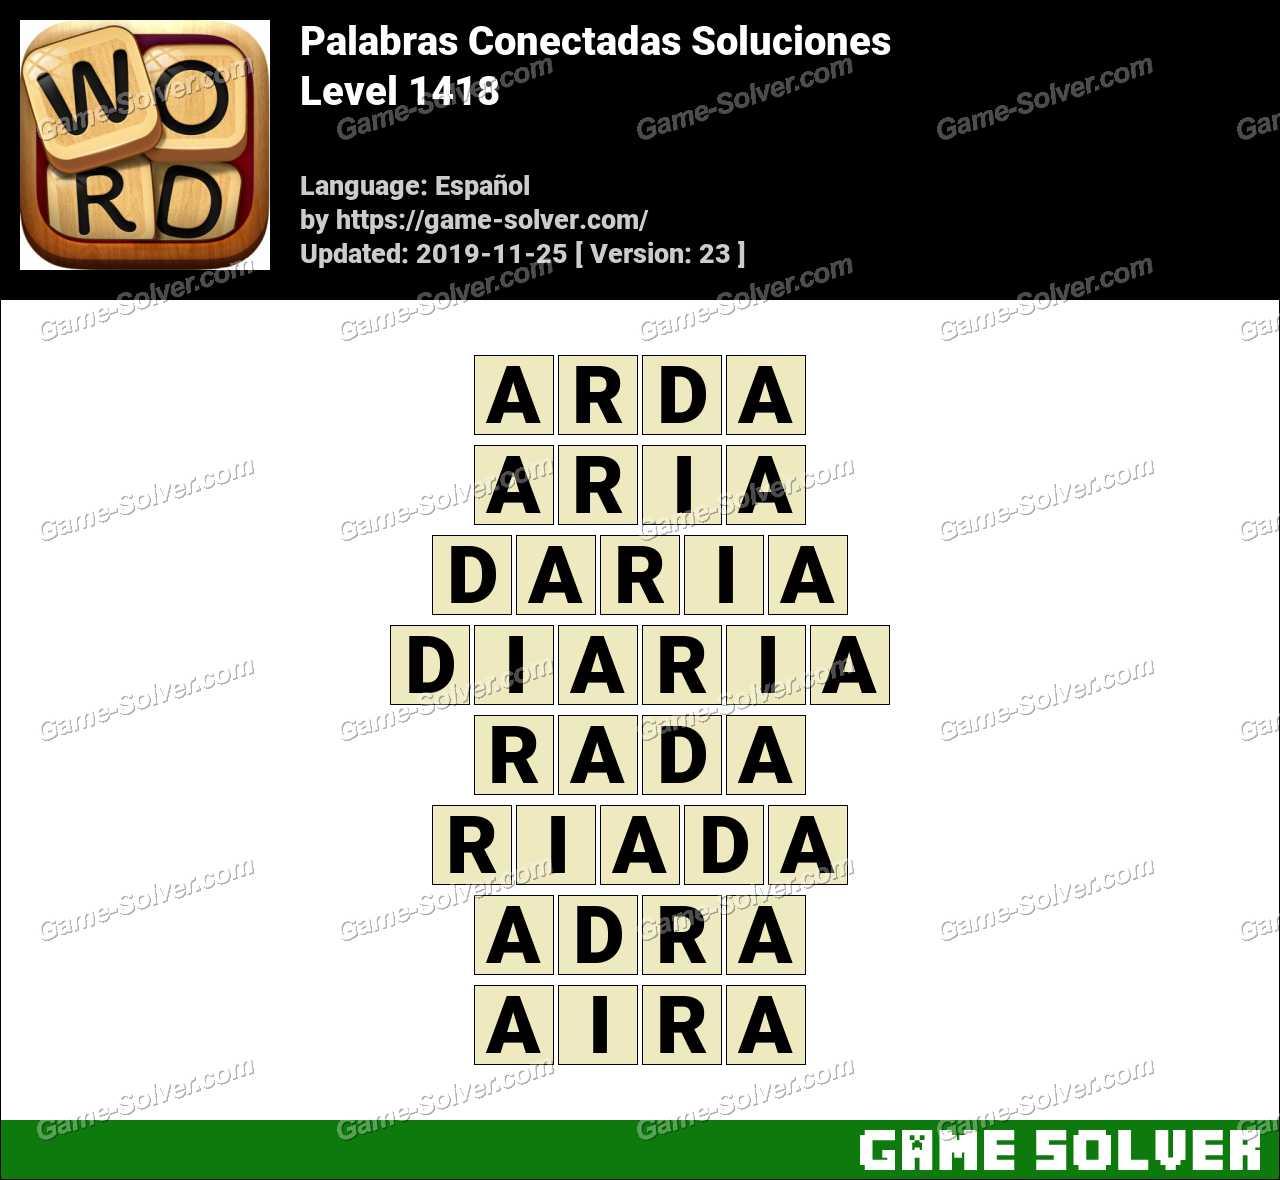 Palabras Conectadas Nivel 1418 Soluciones